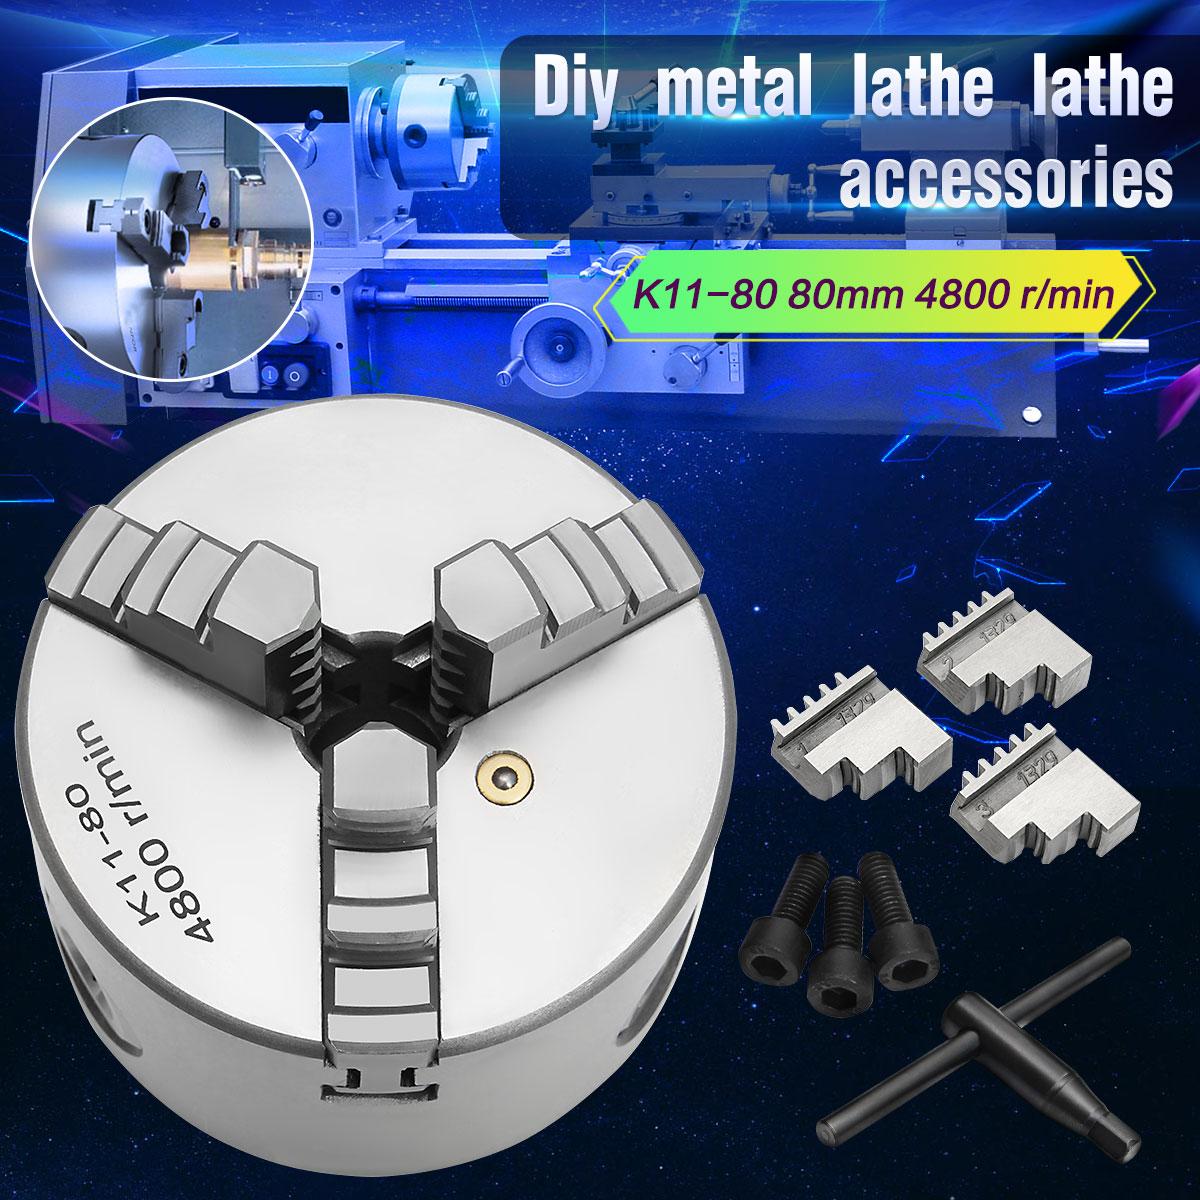 Фирменная Новинка 3 3 челюсти токарный патрон K11-80 K11 80 80 мм ручной патрон самоцентрирующейся токарный Запчасти токарный станок Diy аксессуары